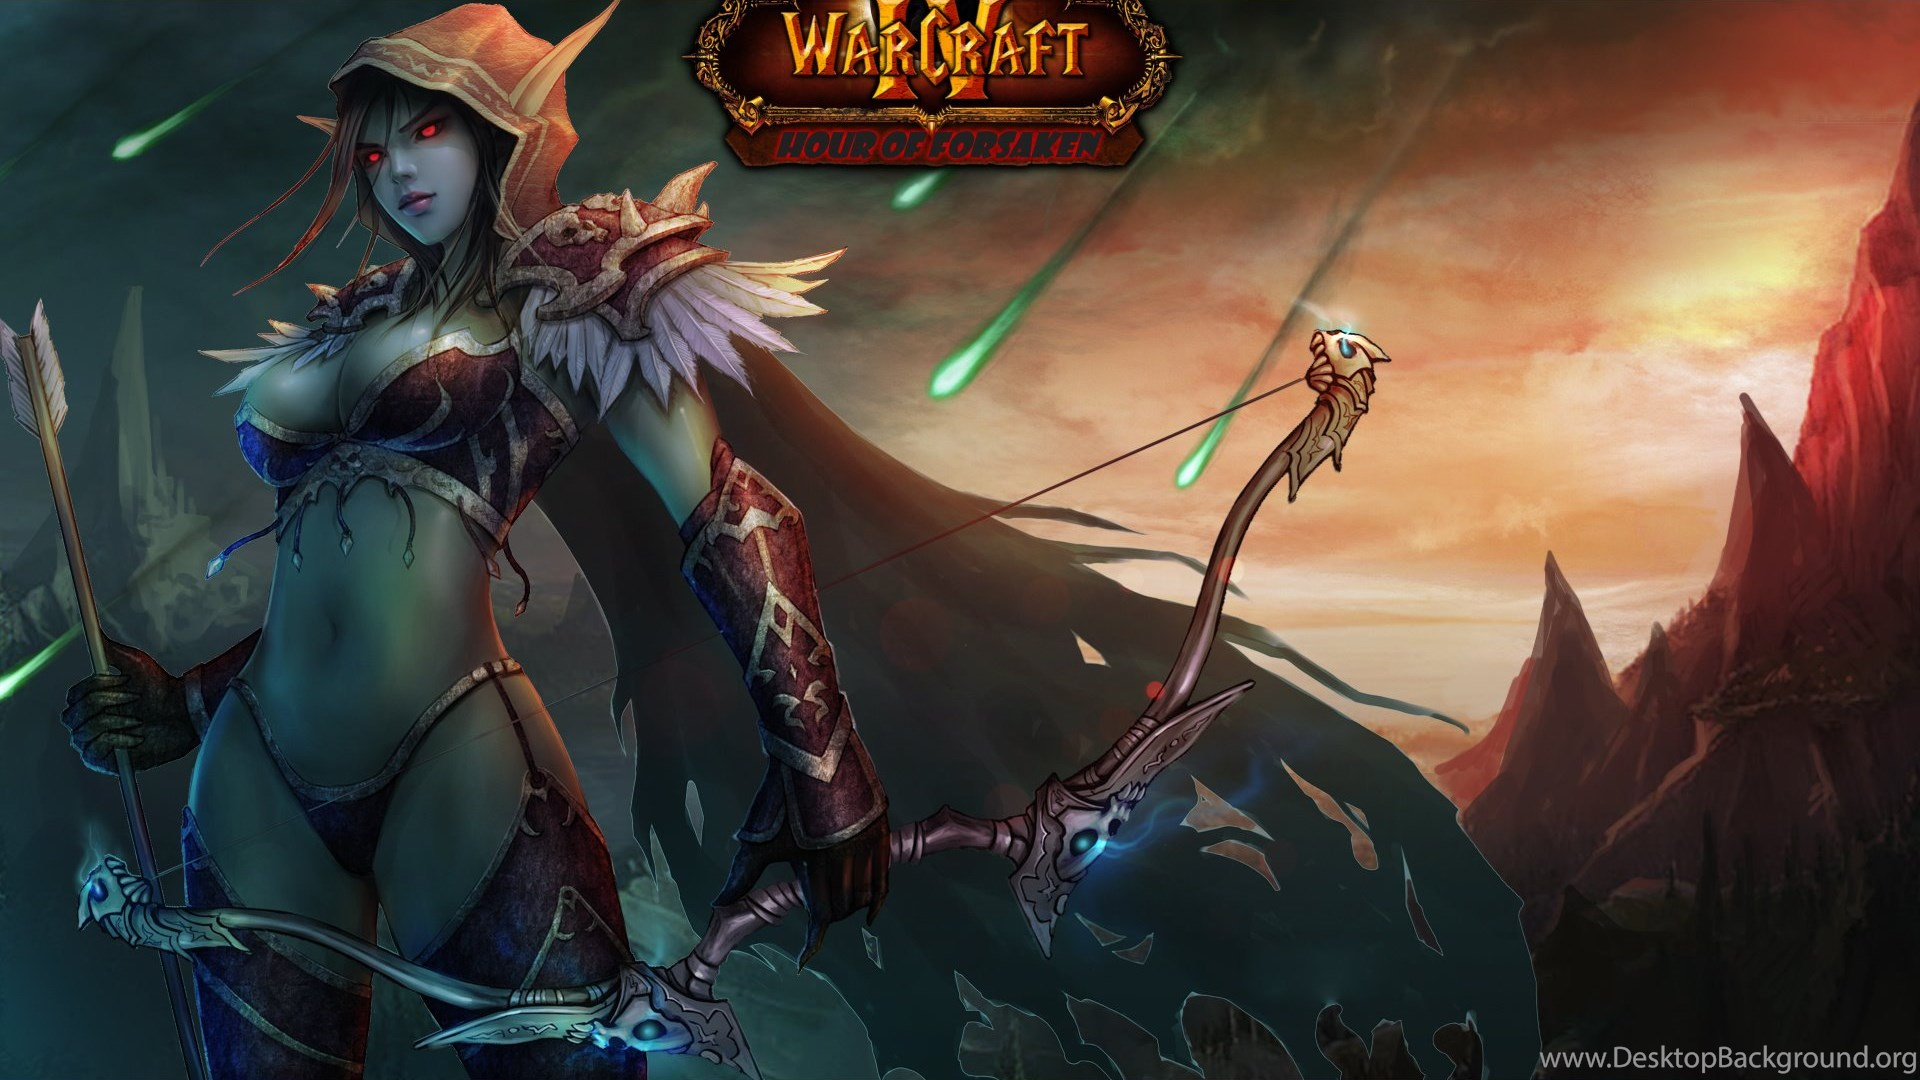 Warcraft Iii The Frozen Throne Wallpapers Desktop Background